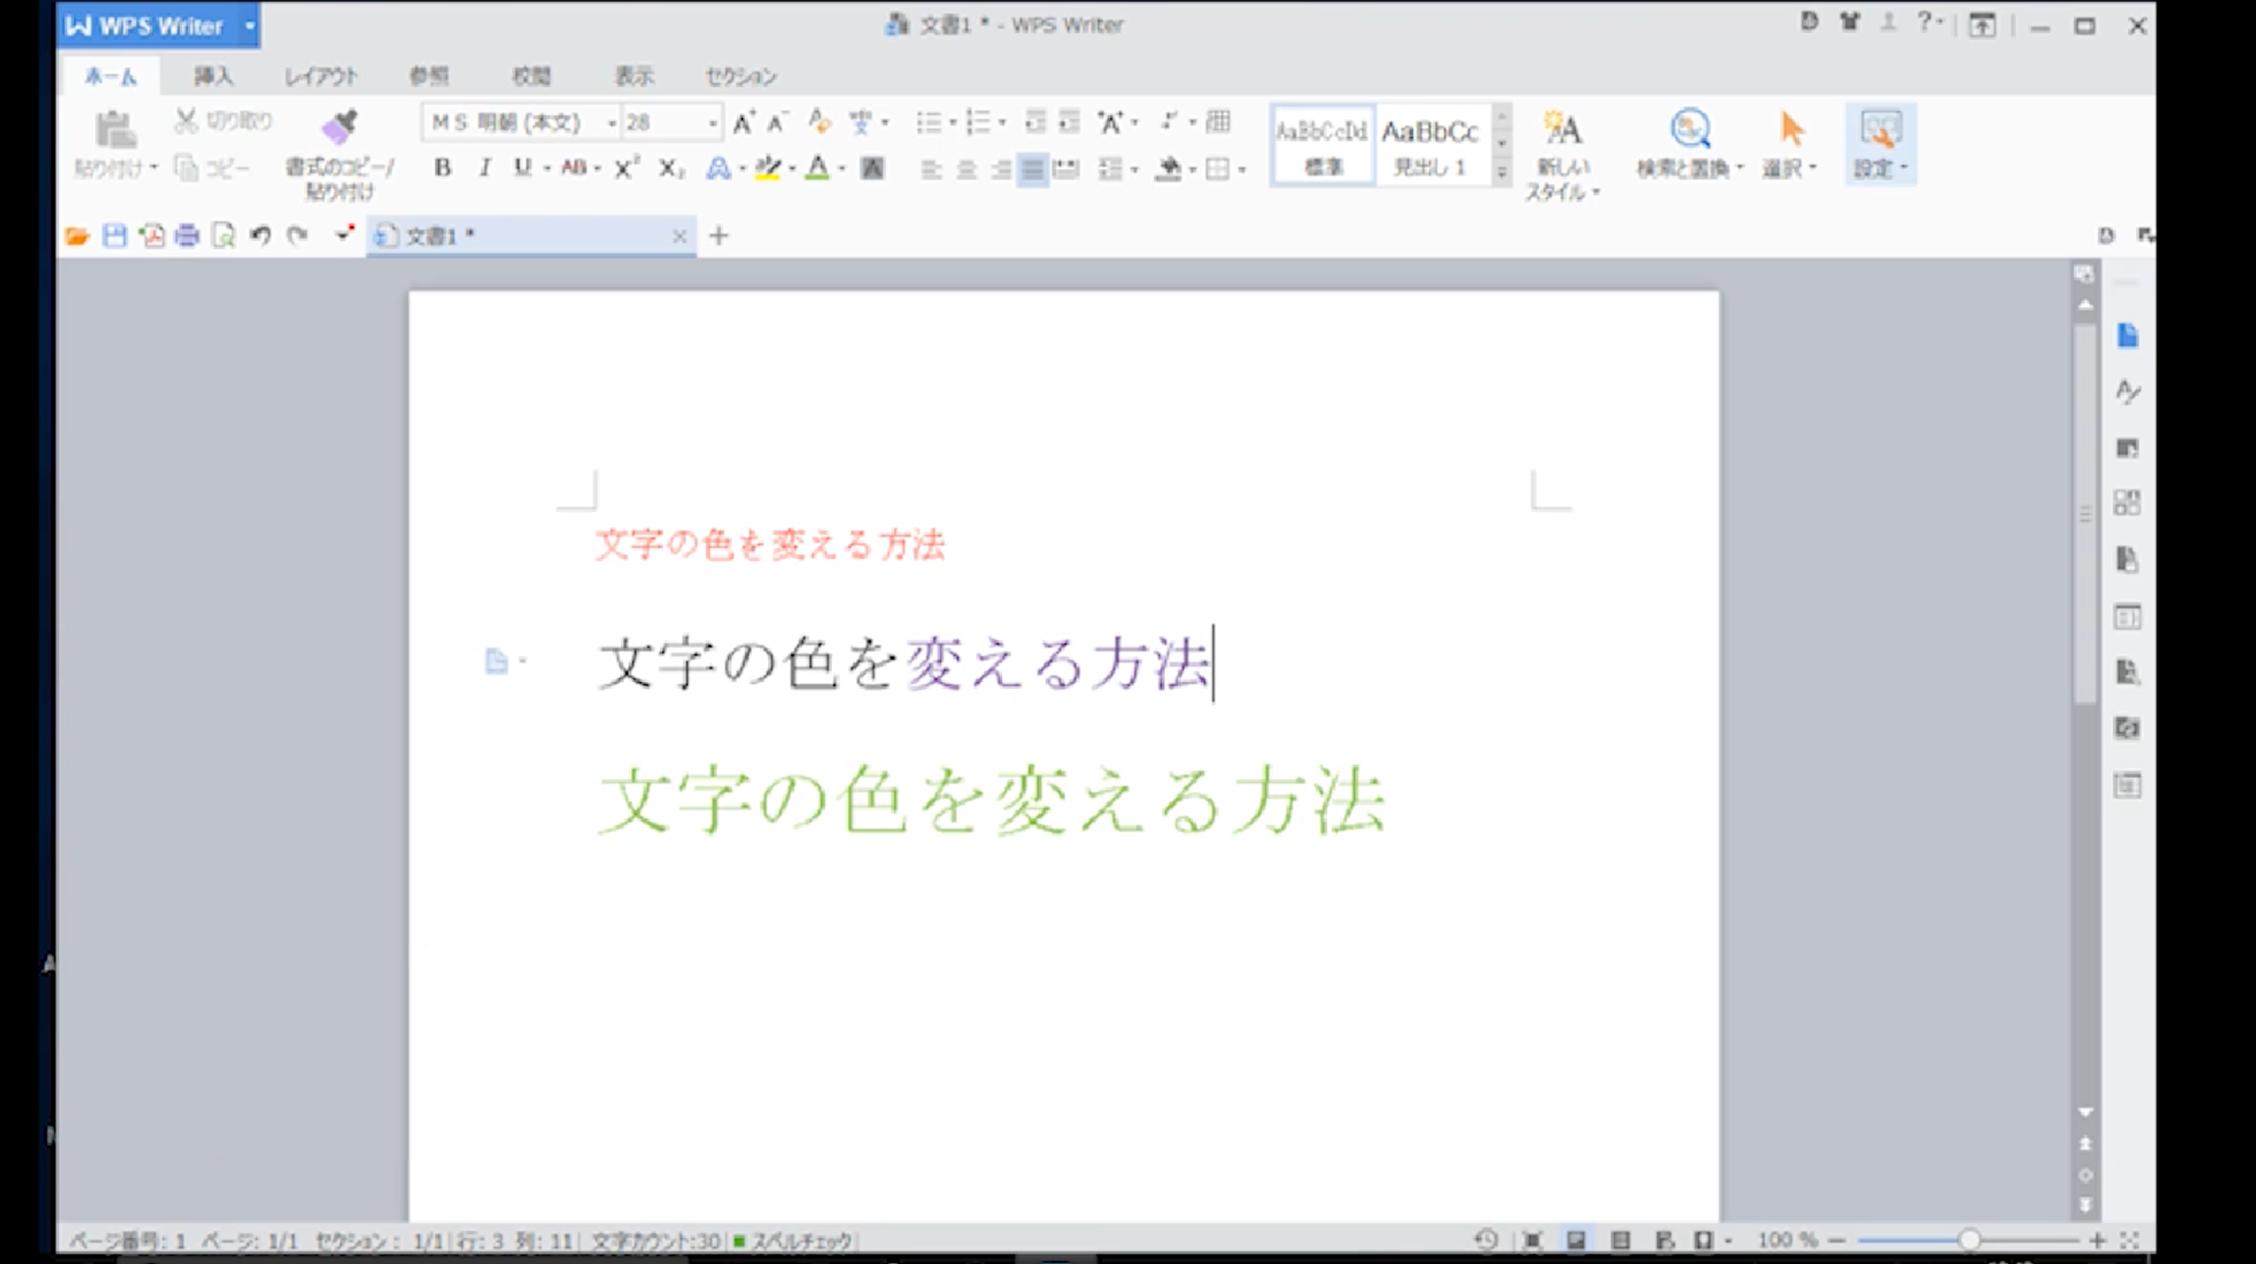 ワープロや表計算ソフトで文字色を変える方法